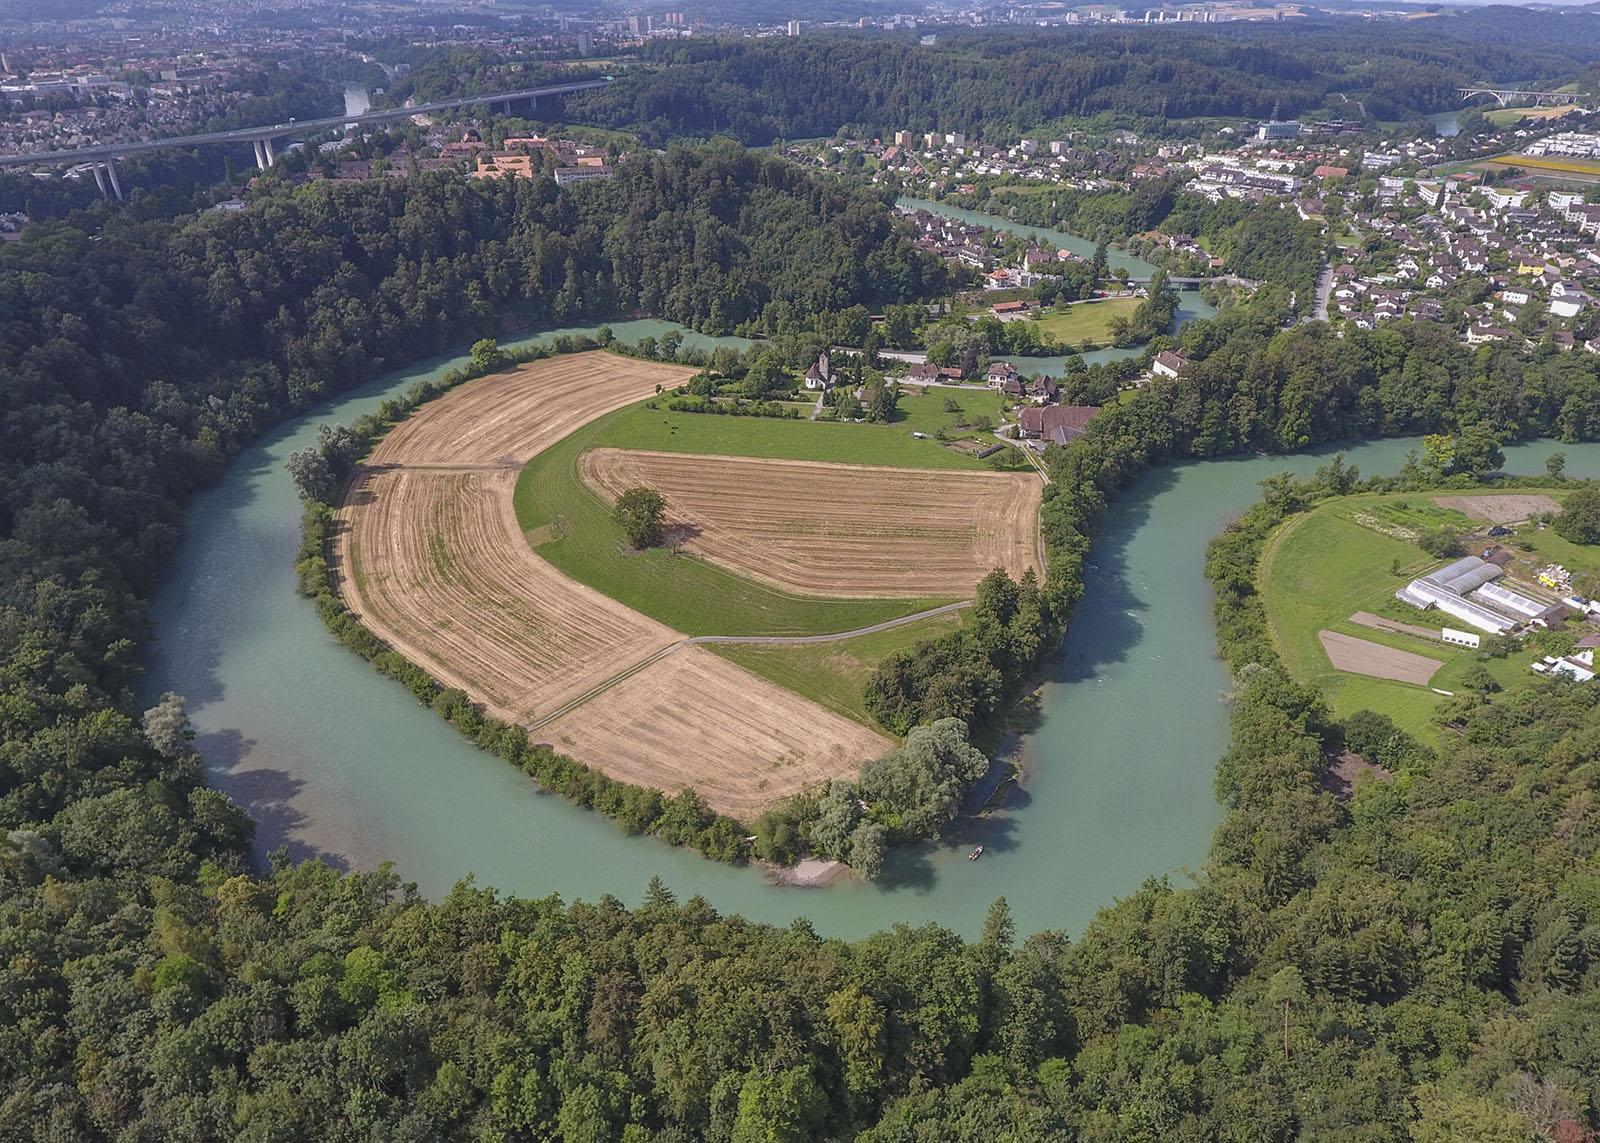 Die rund neuen Kilometer lange Restwasserstrecke um die Engehalbinsel gehört zu den ökologisch bedeutsamsten Flusslandschaften des Kantons Bern